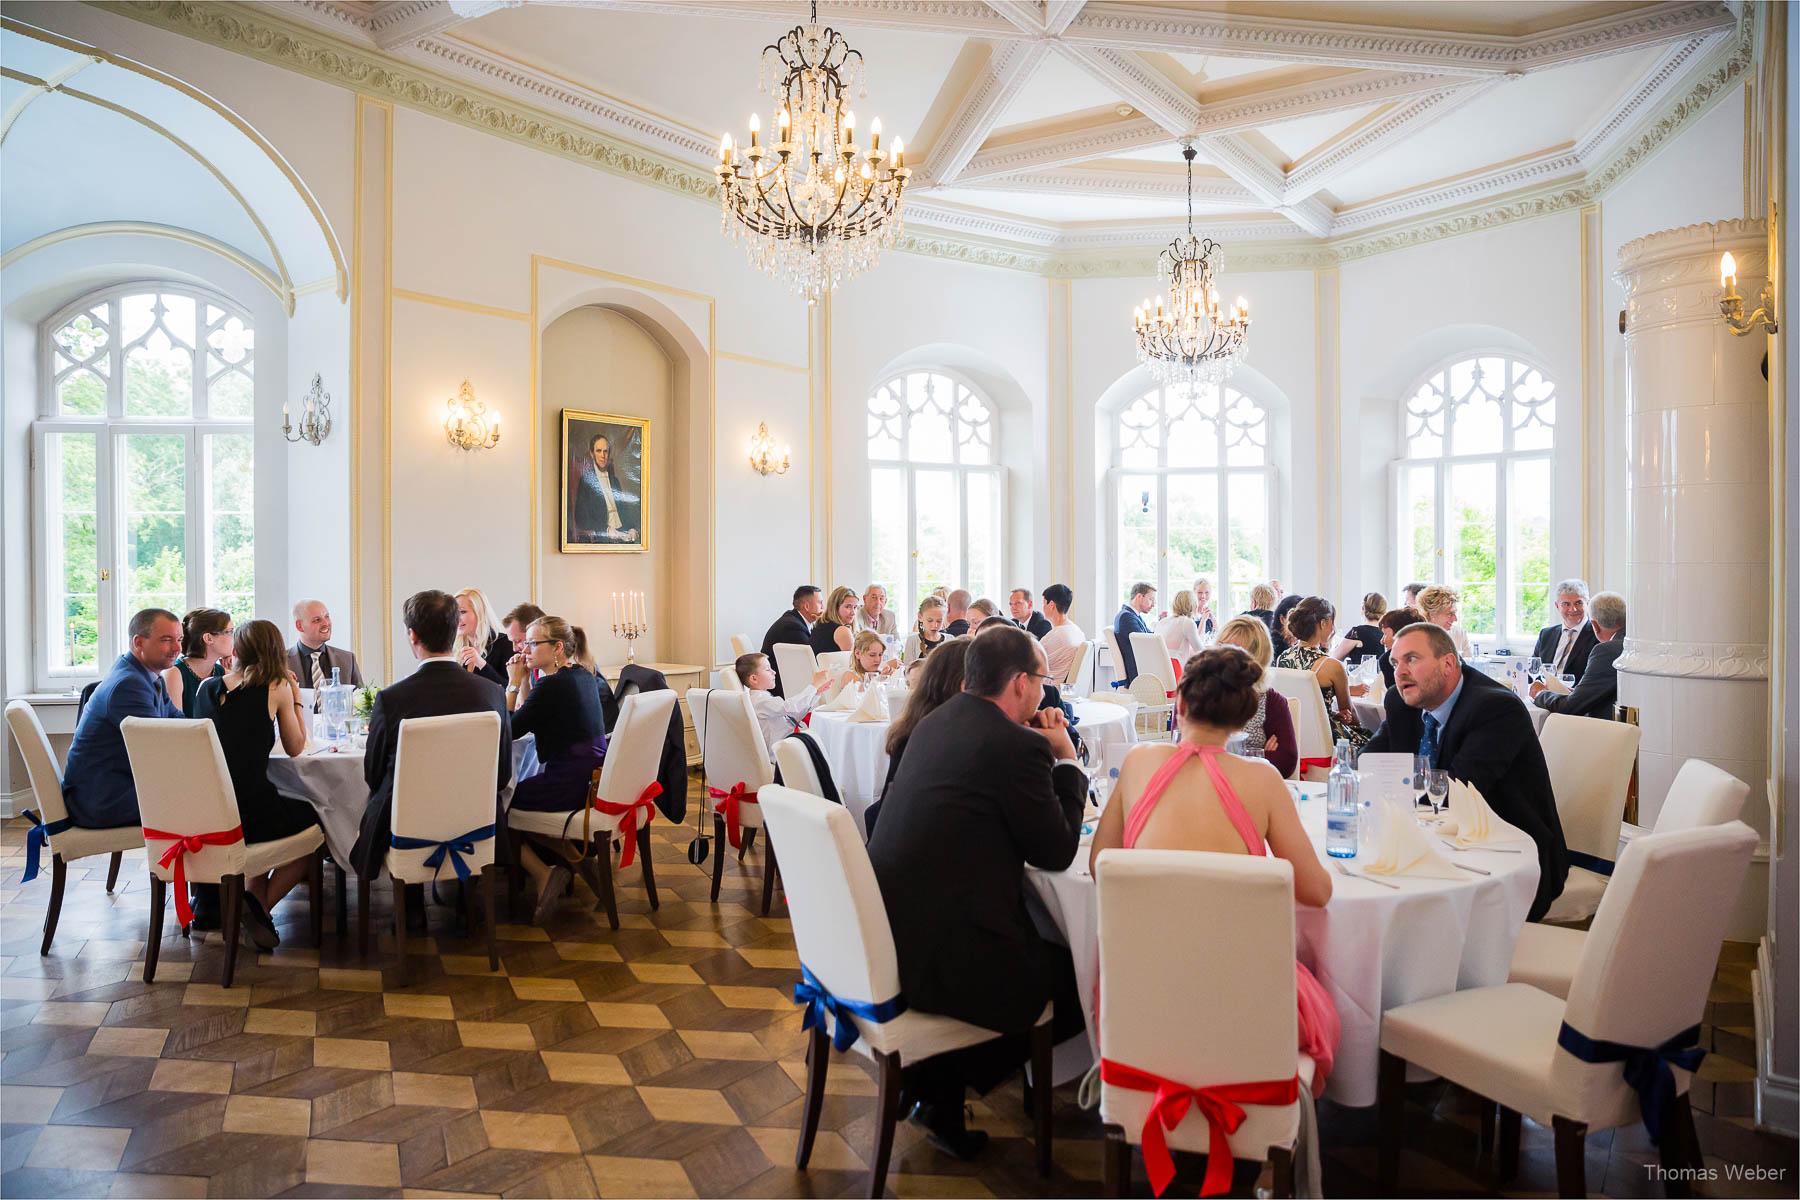 Hochzeitsfotograf bei einer Hochzeit auf Schloss Gamehl an der Ostsee: Hochzeitsessen und Hochzeitsfeier